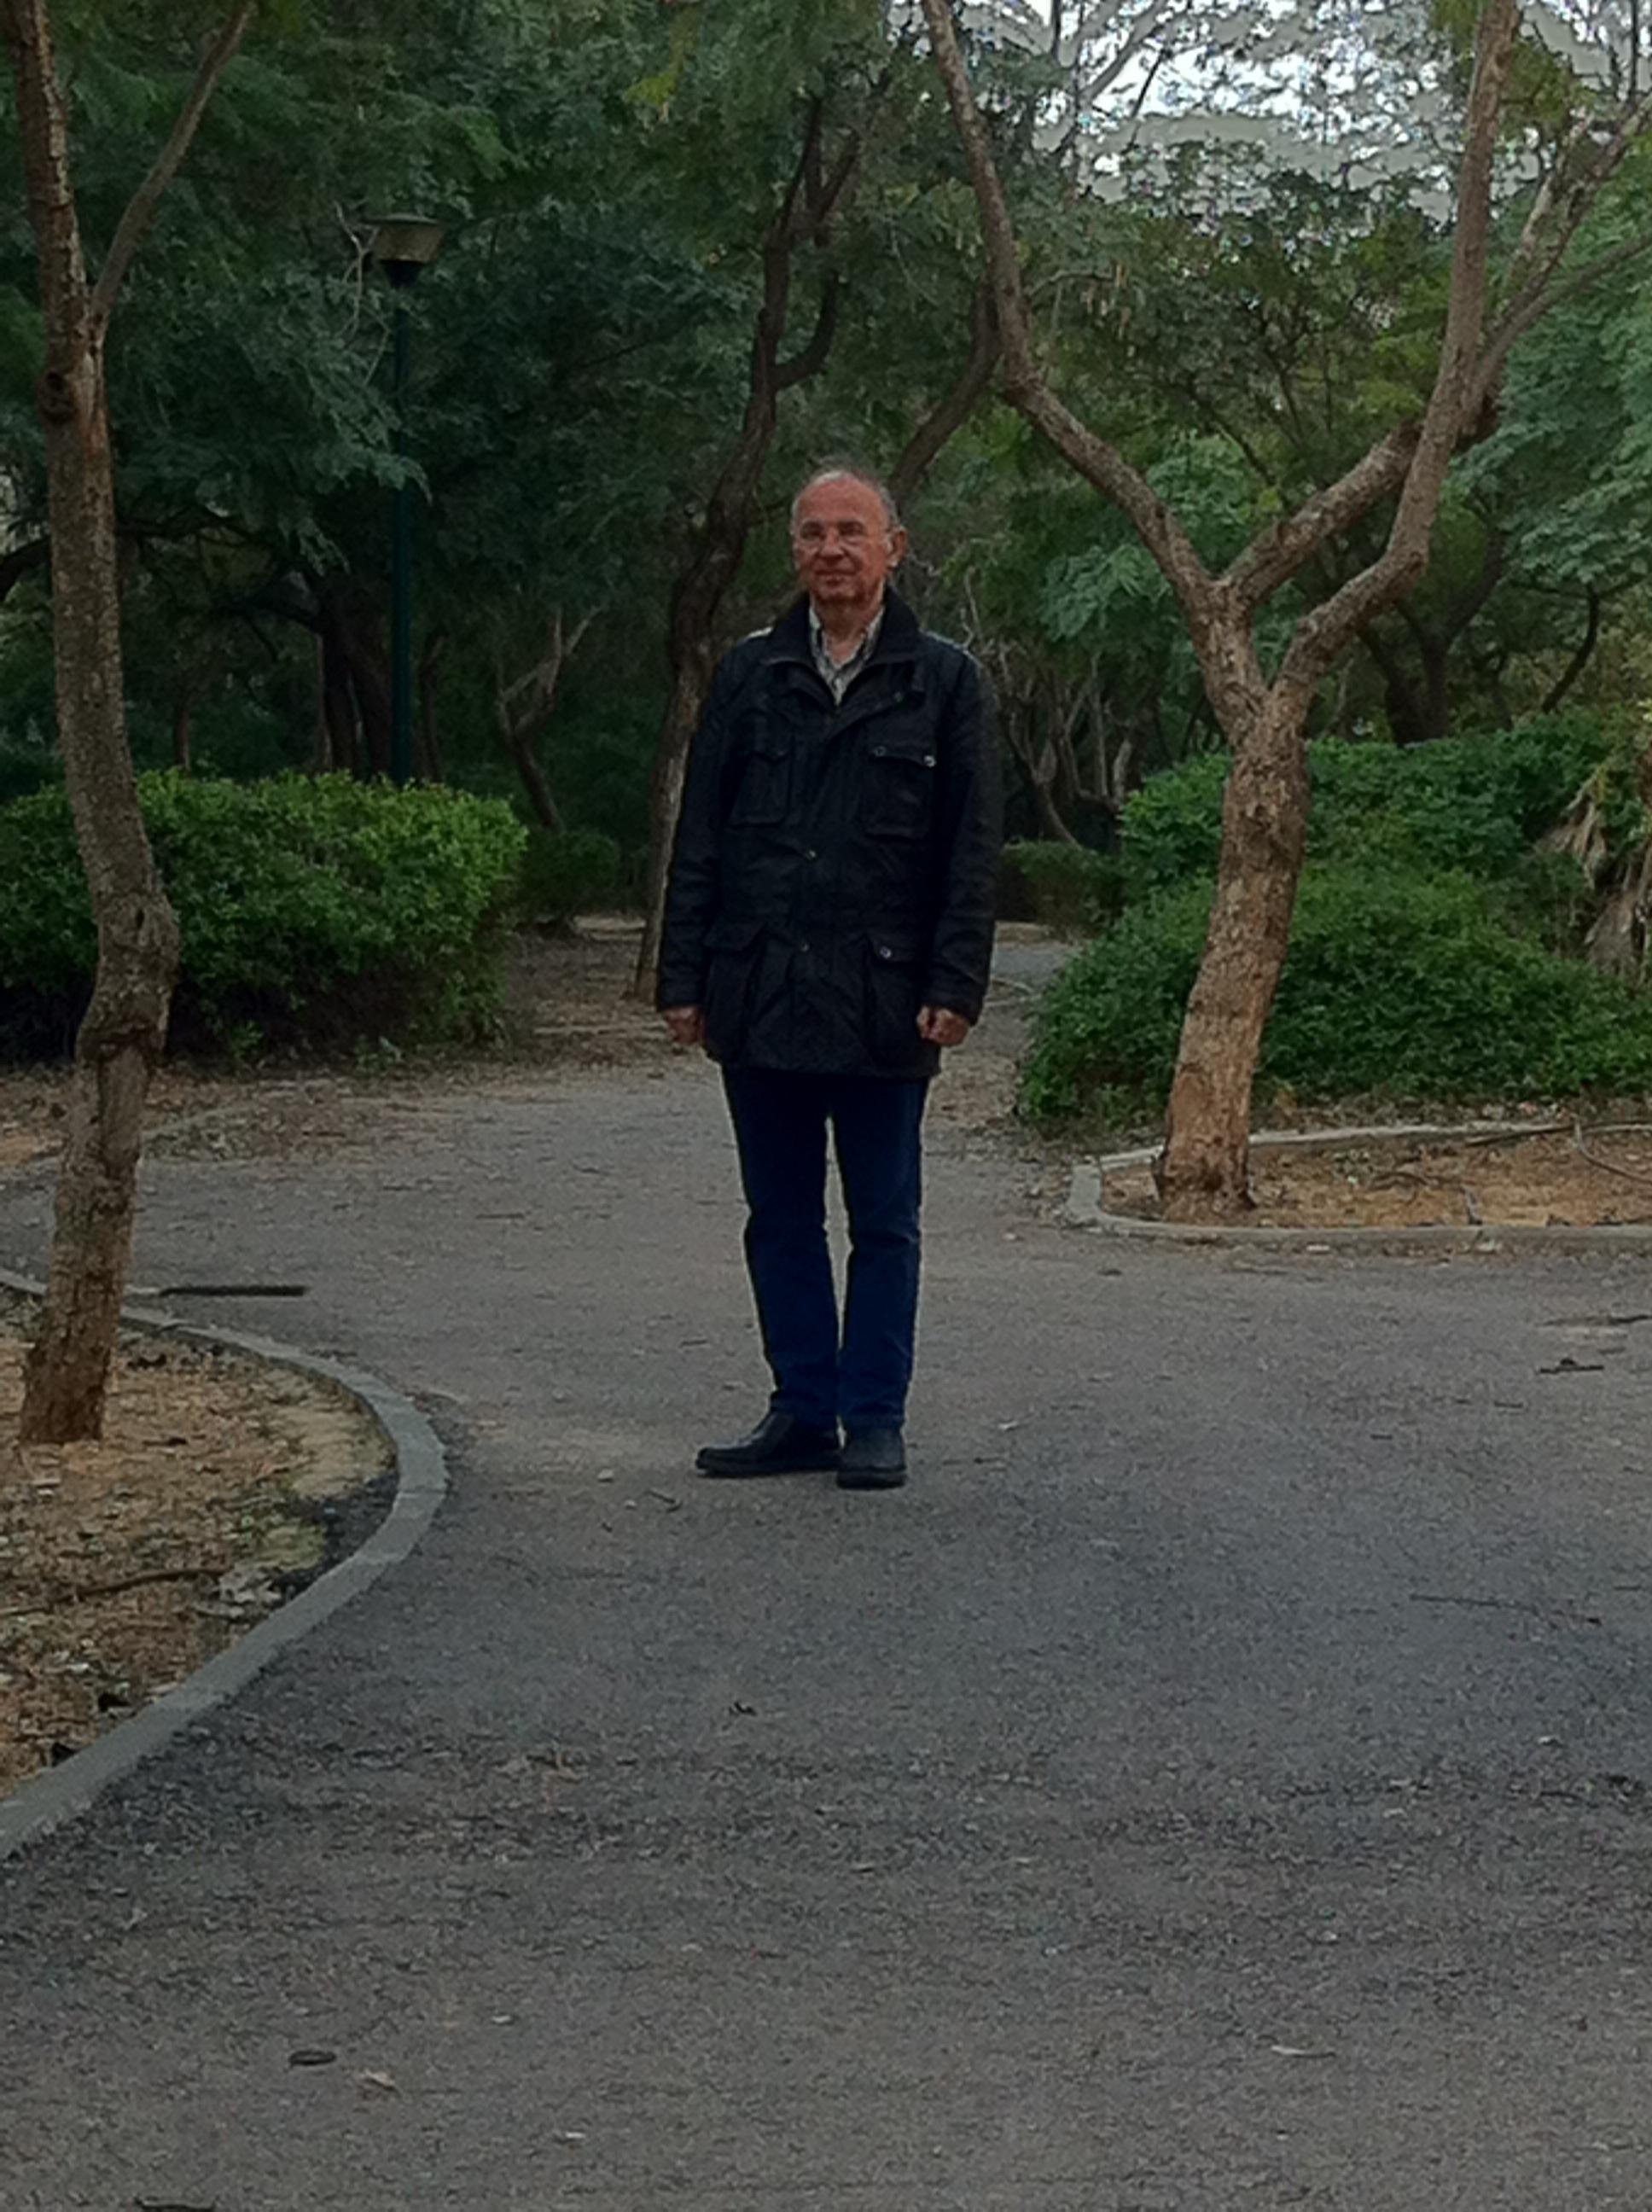 דוקטור ישראל ארוין פריאל - תמונת פרופיל